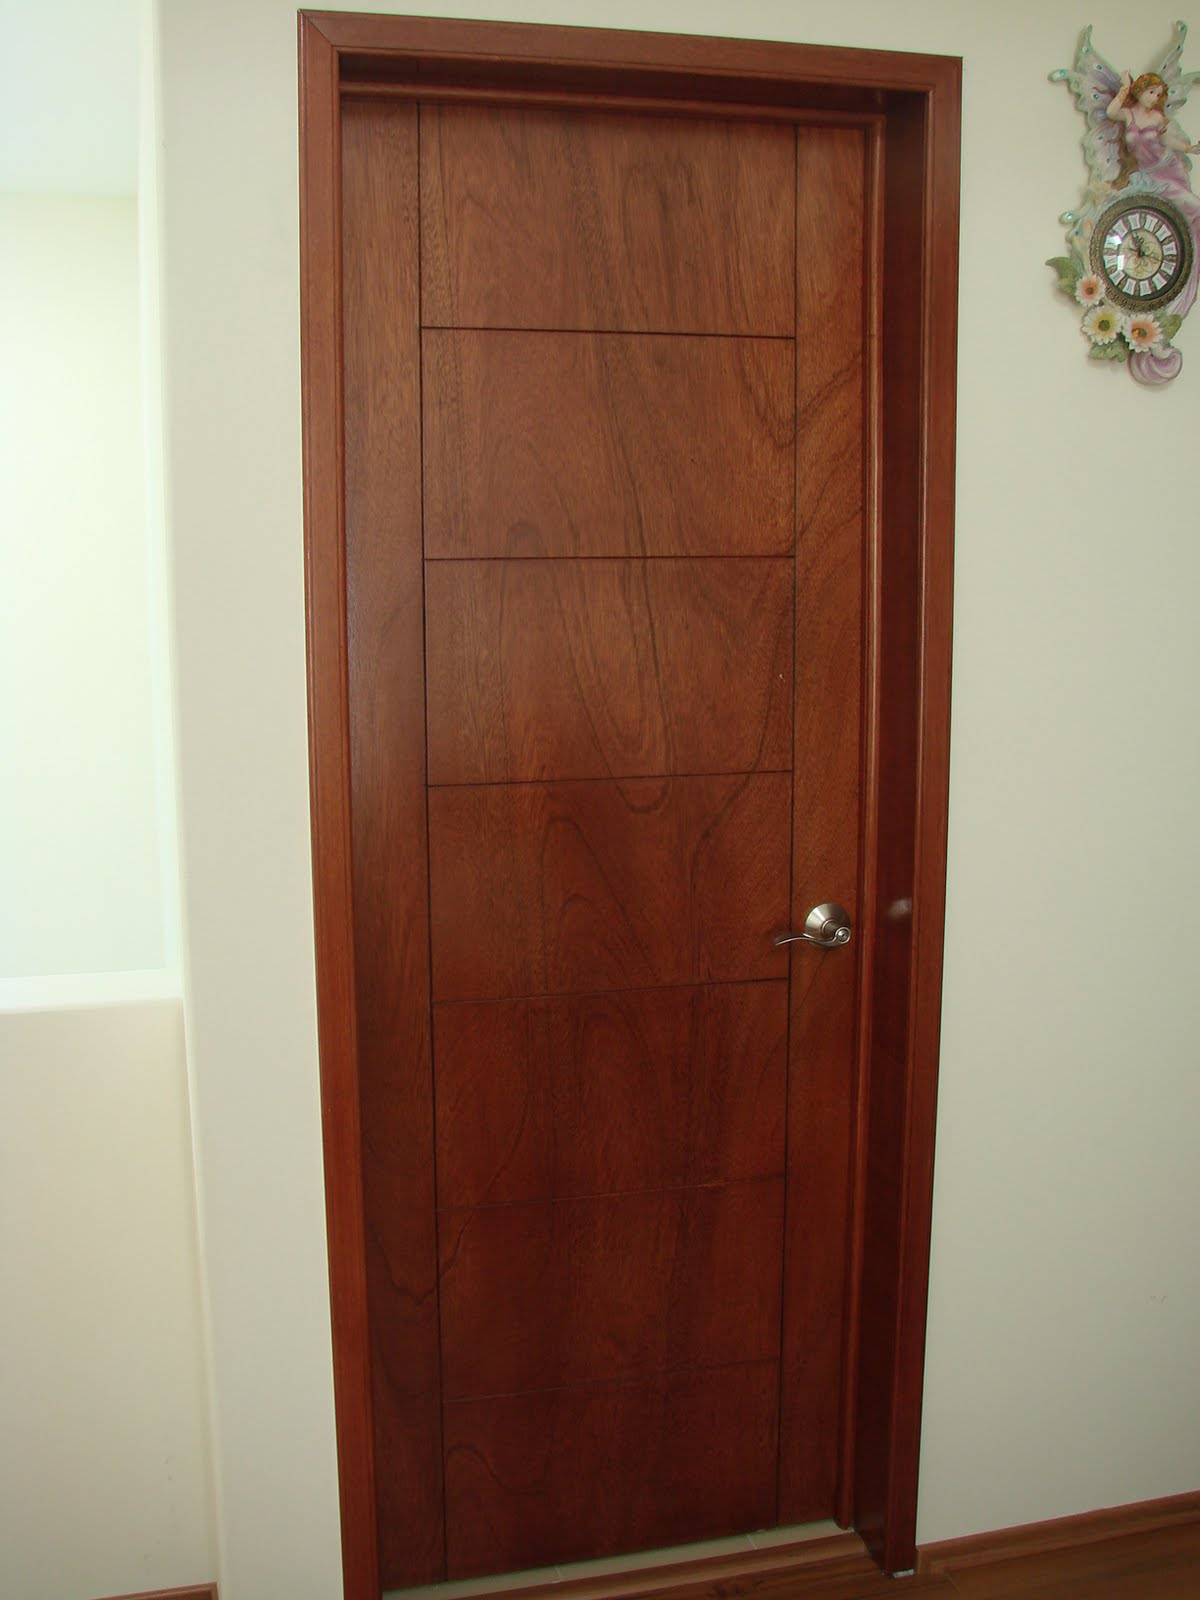 Cocinas integrales vestidores closets etc puertas en for Puertas cocina baratas